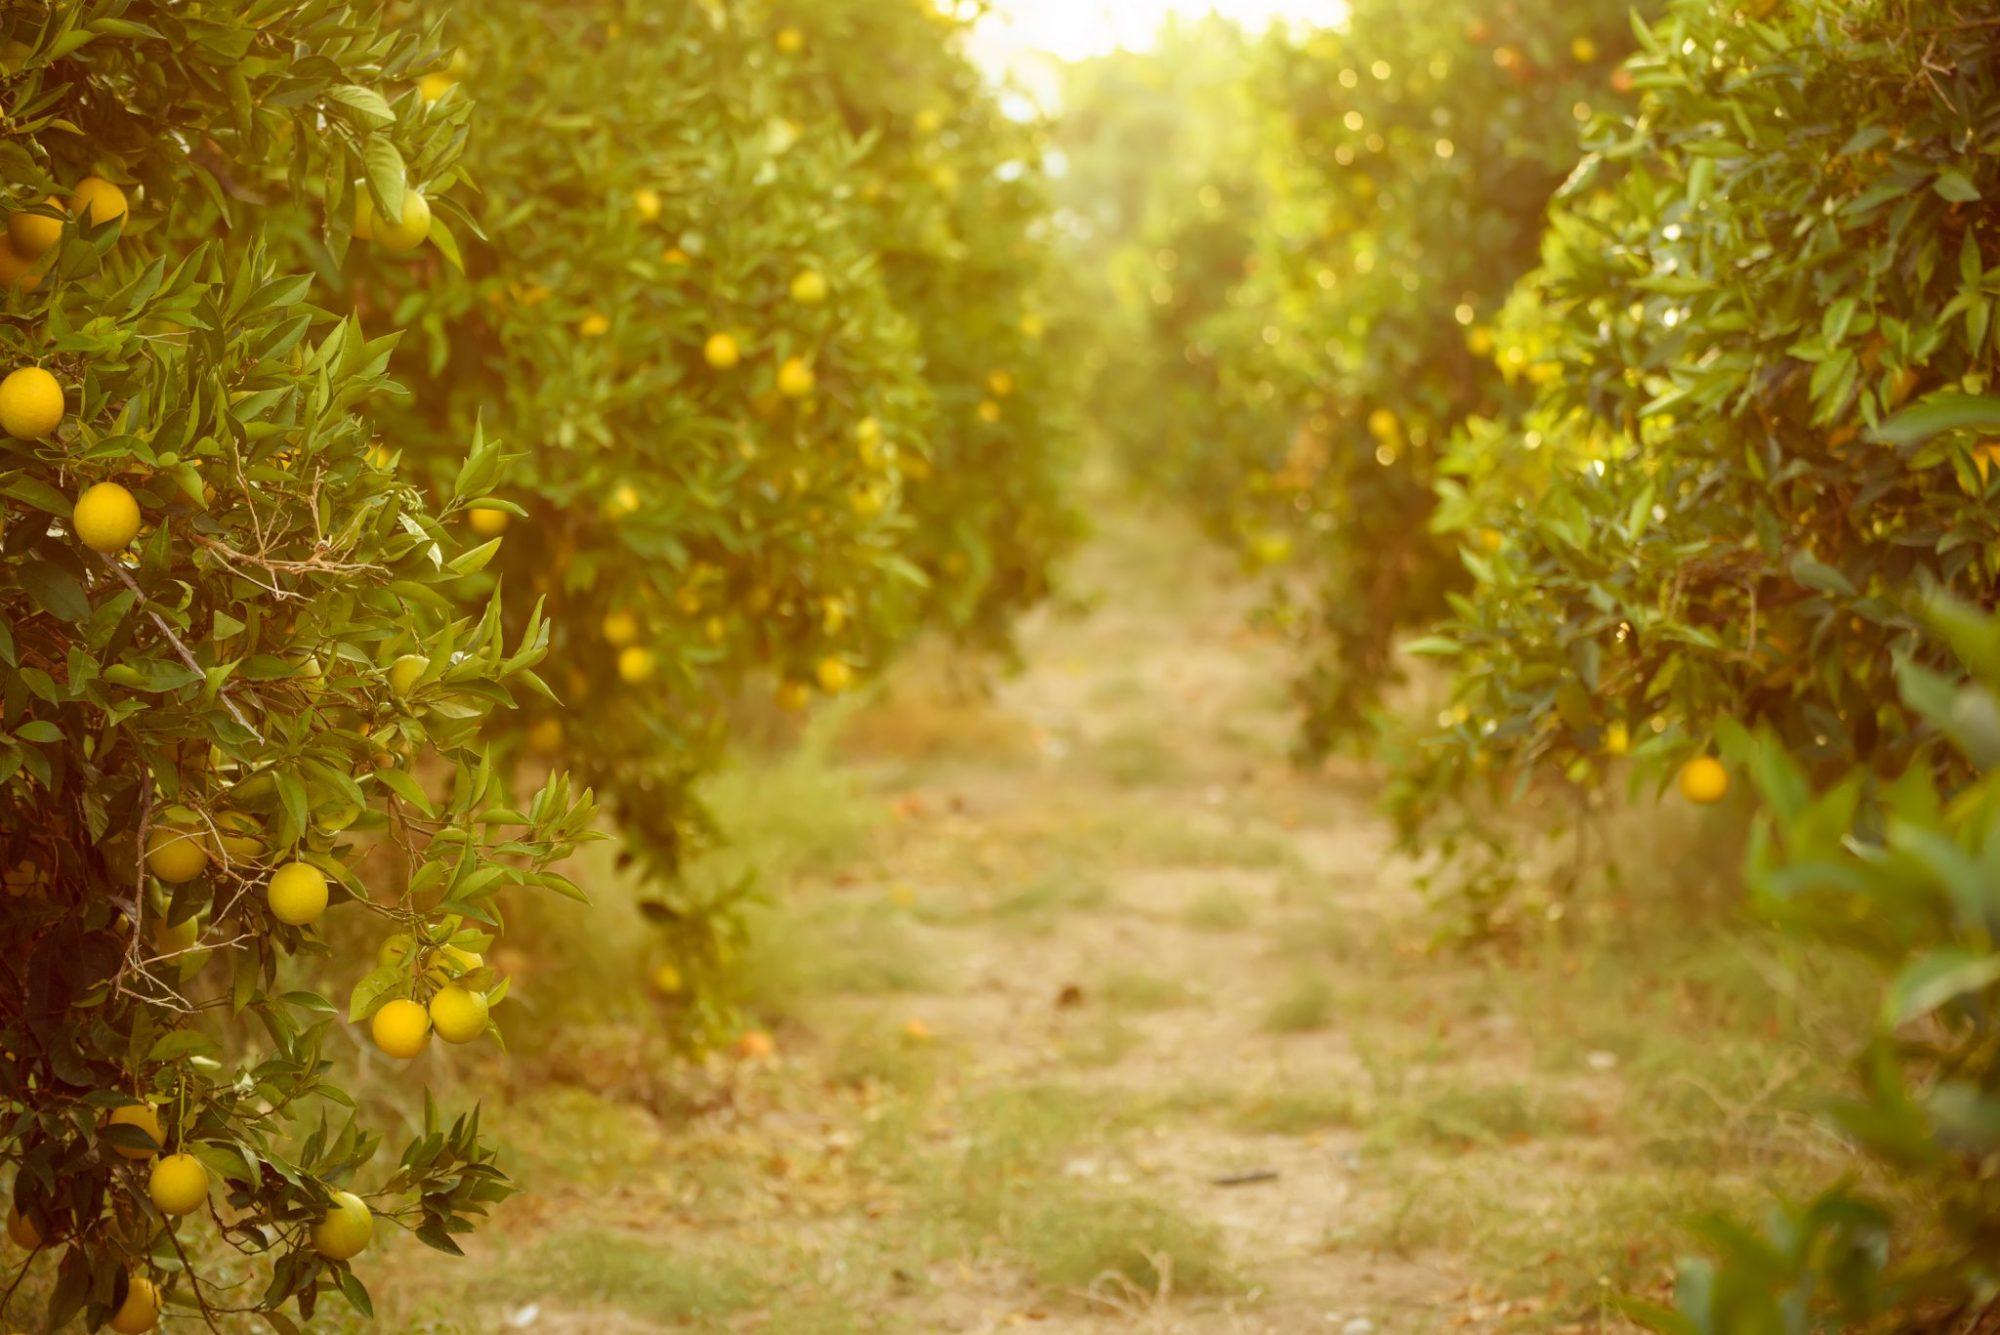 Kies vaker biologisch en duurzaam | Kleine veranderingen, grote impact